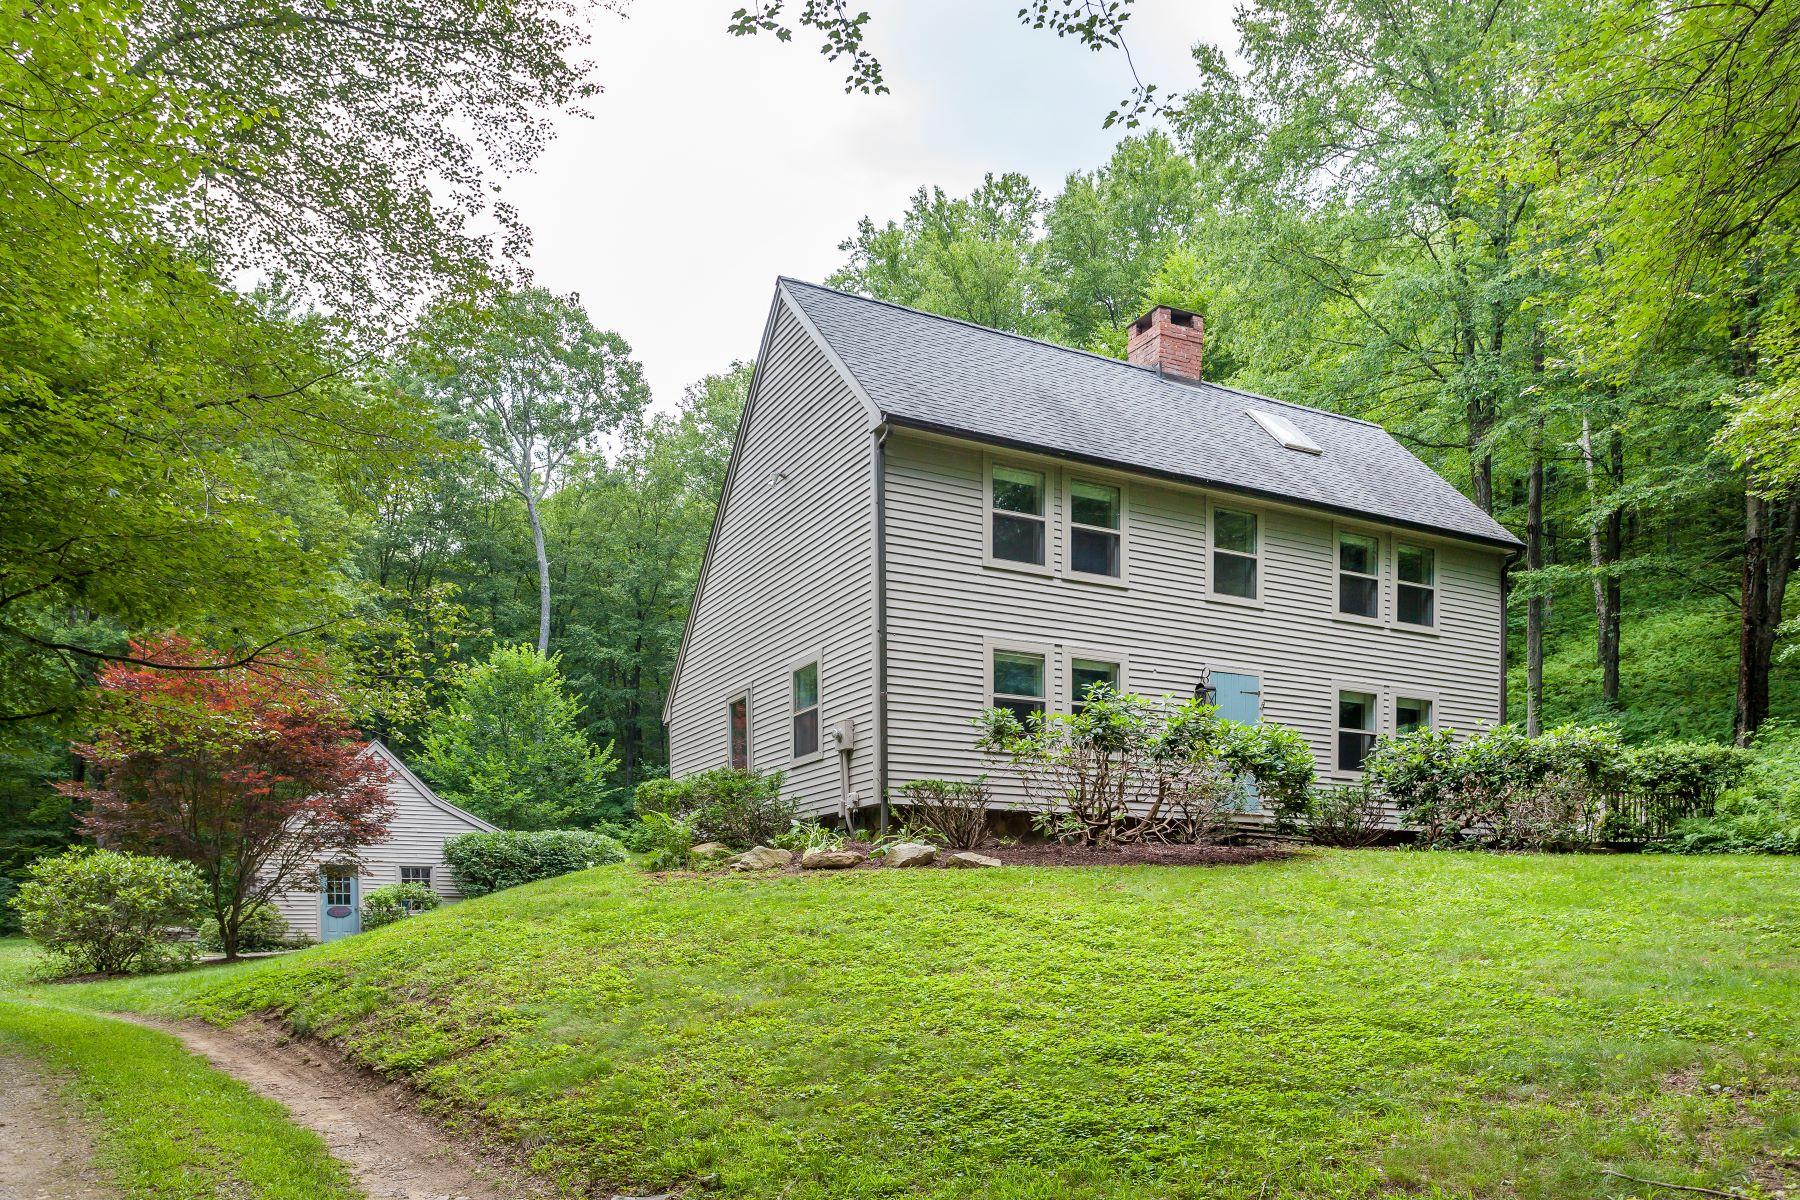 Частный односемейный дом для того Продажа на Private Get-Away 383 Lake Road, Warren, Коннектикут, 06777 Соединенные Штаты